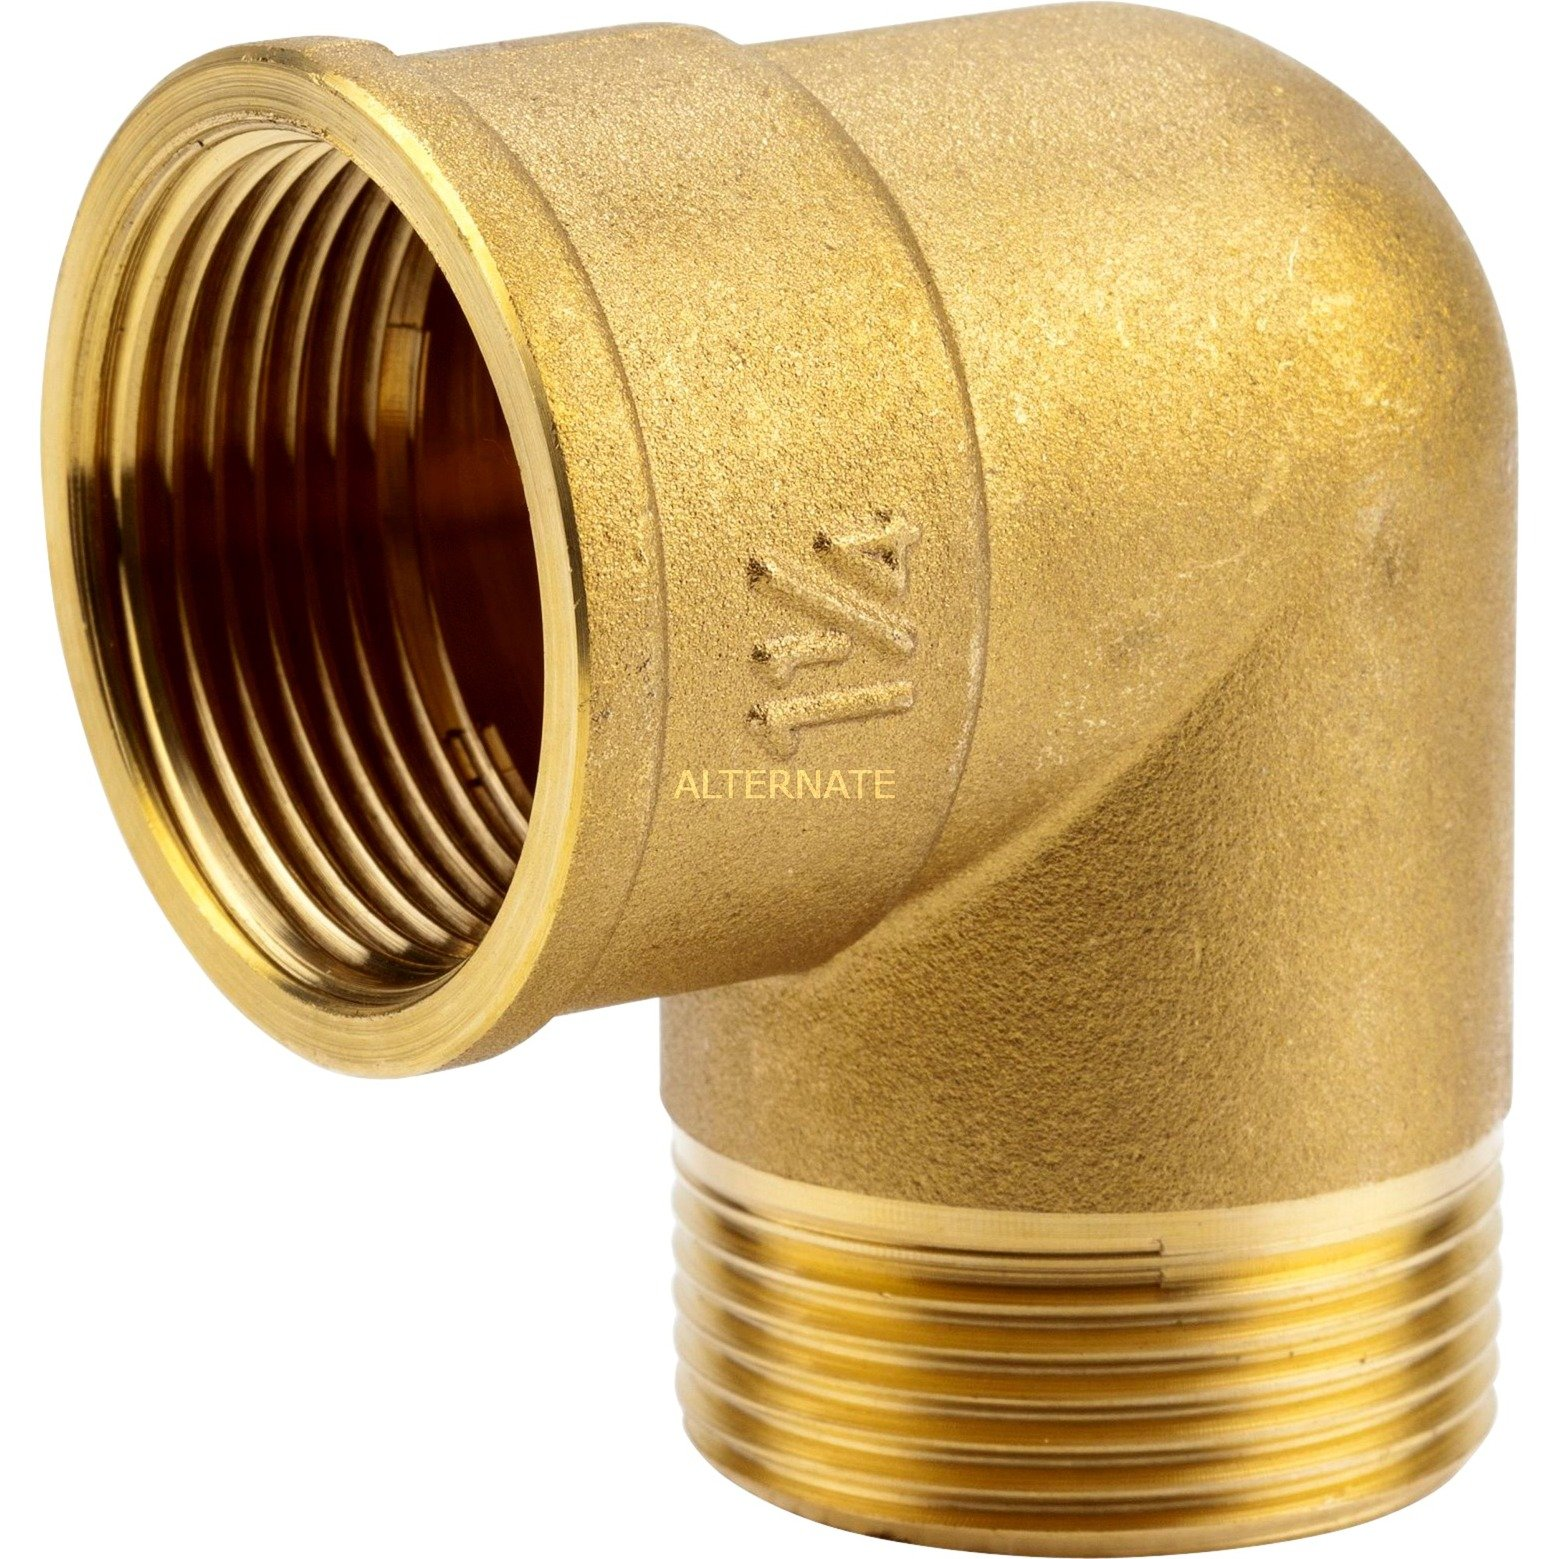 messing-winkel-igag-54-tekniske-ventiler